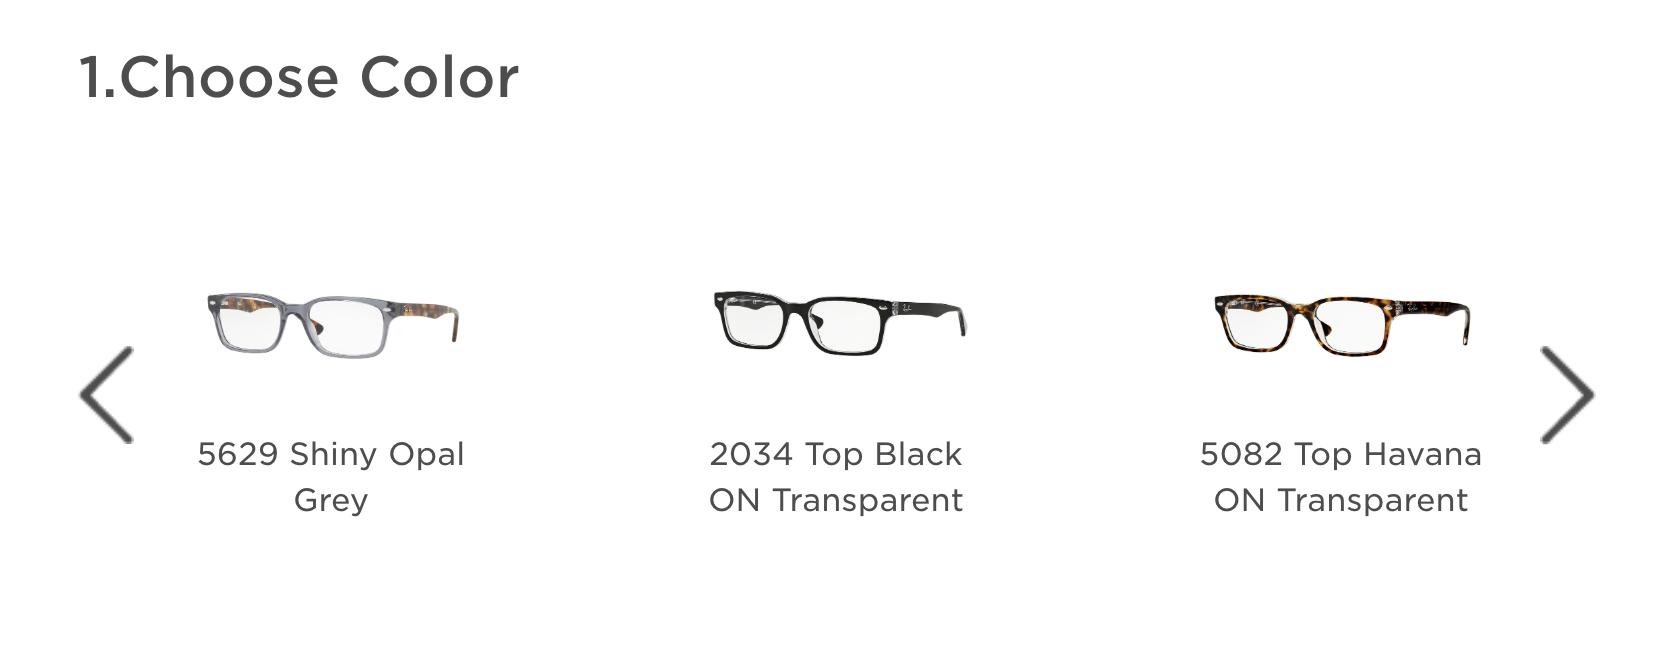 color options for eyeglasses frames